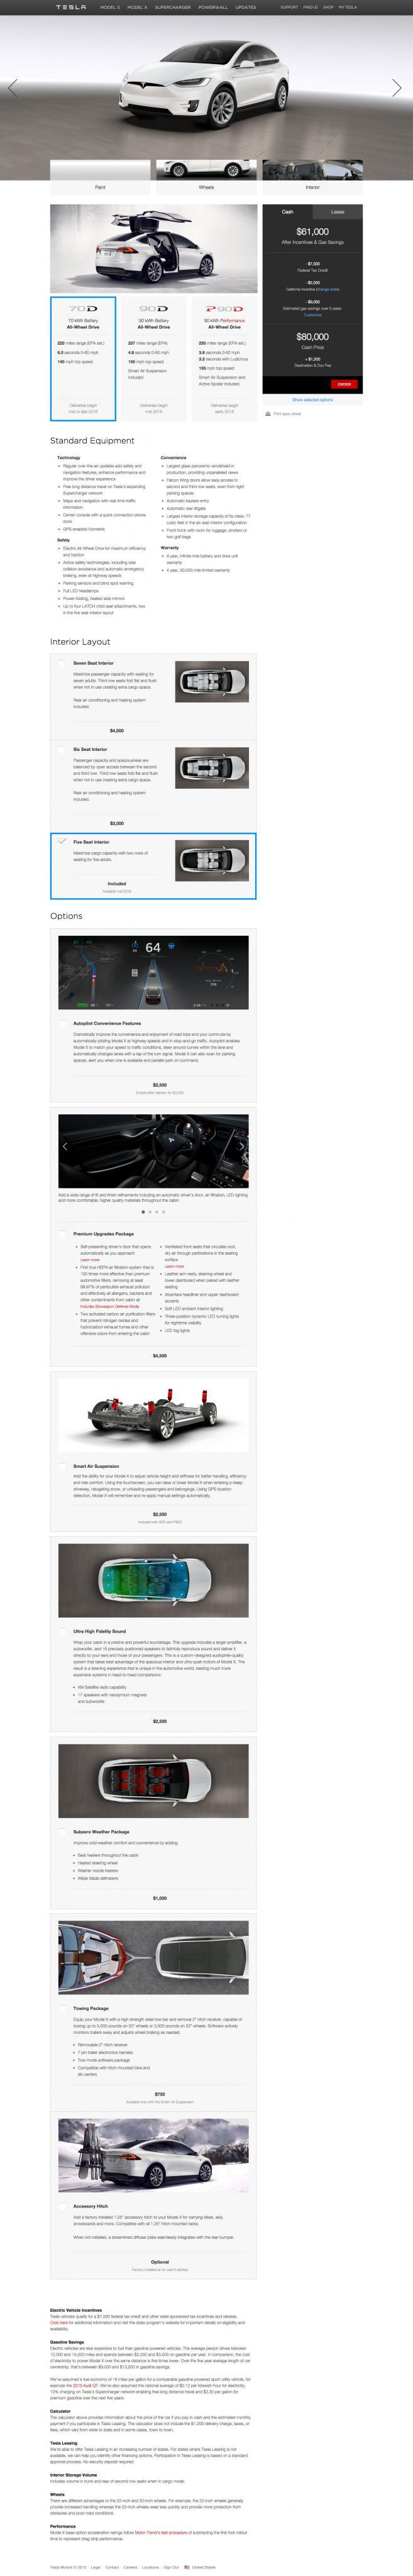 model-x-design-studio